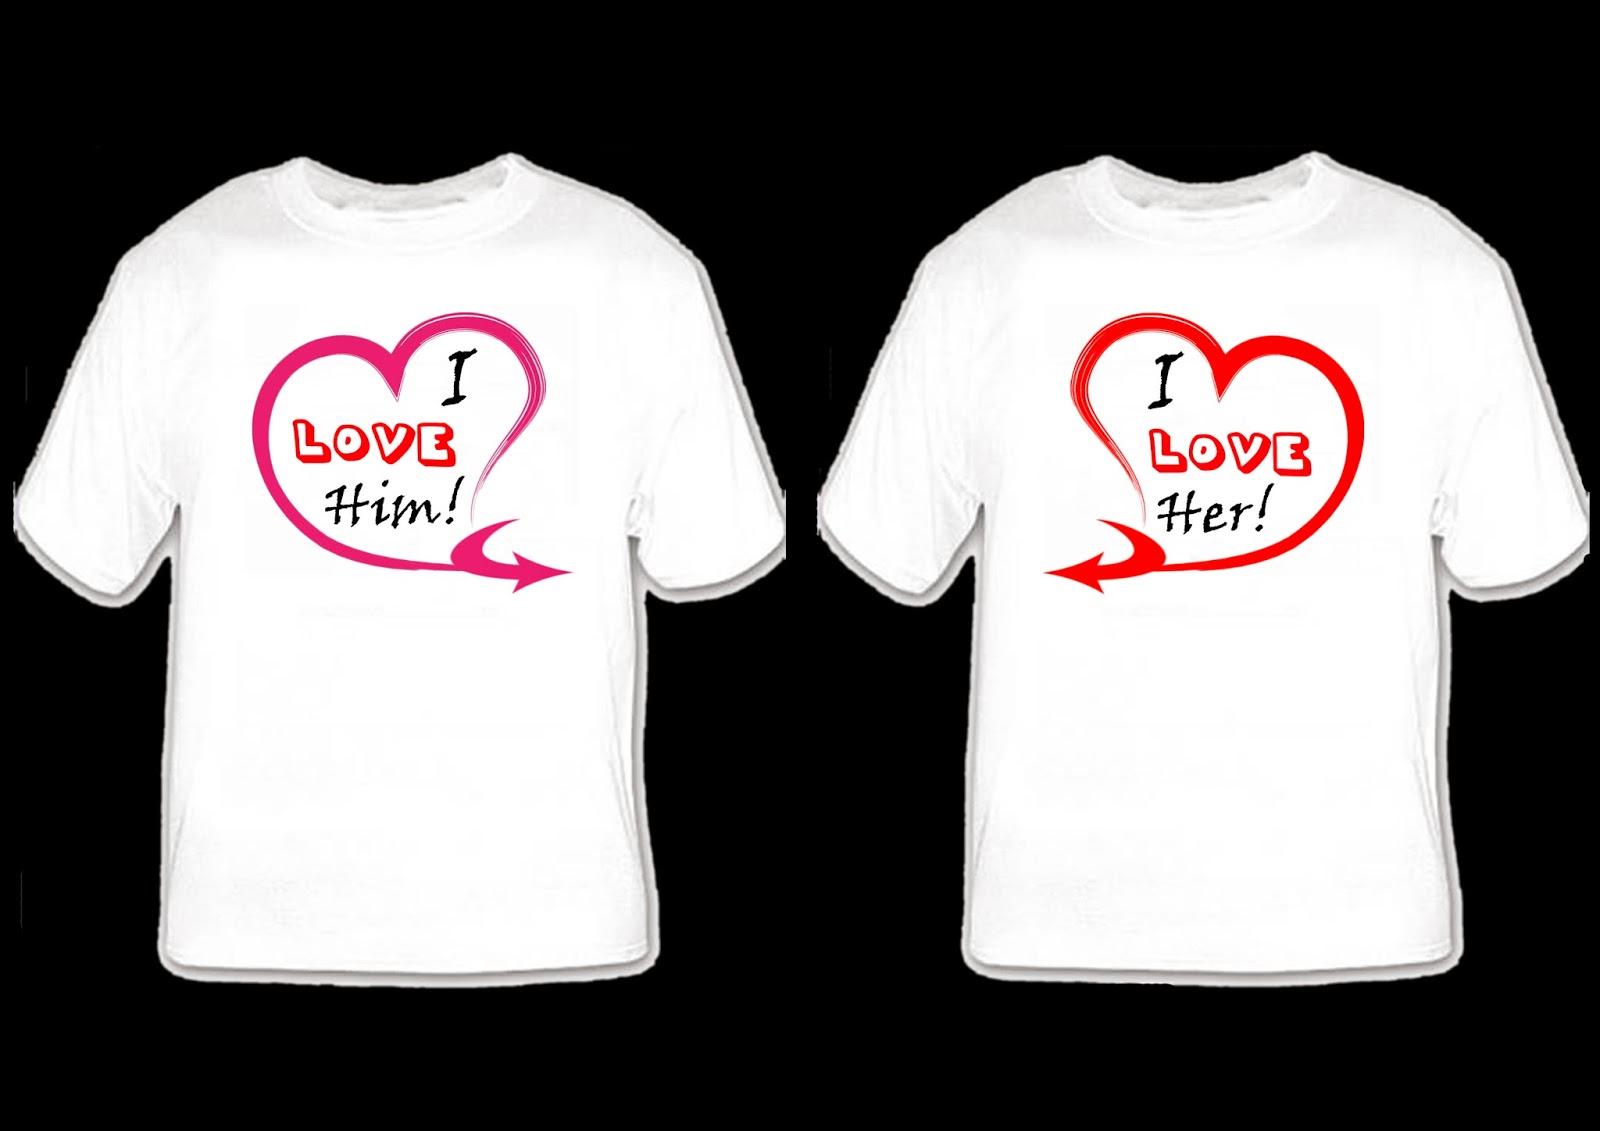 Shirt design unique - Couple Shirt Design Layout The Unique